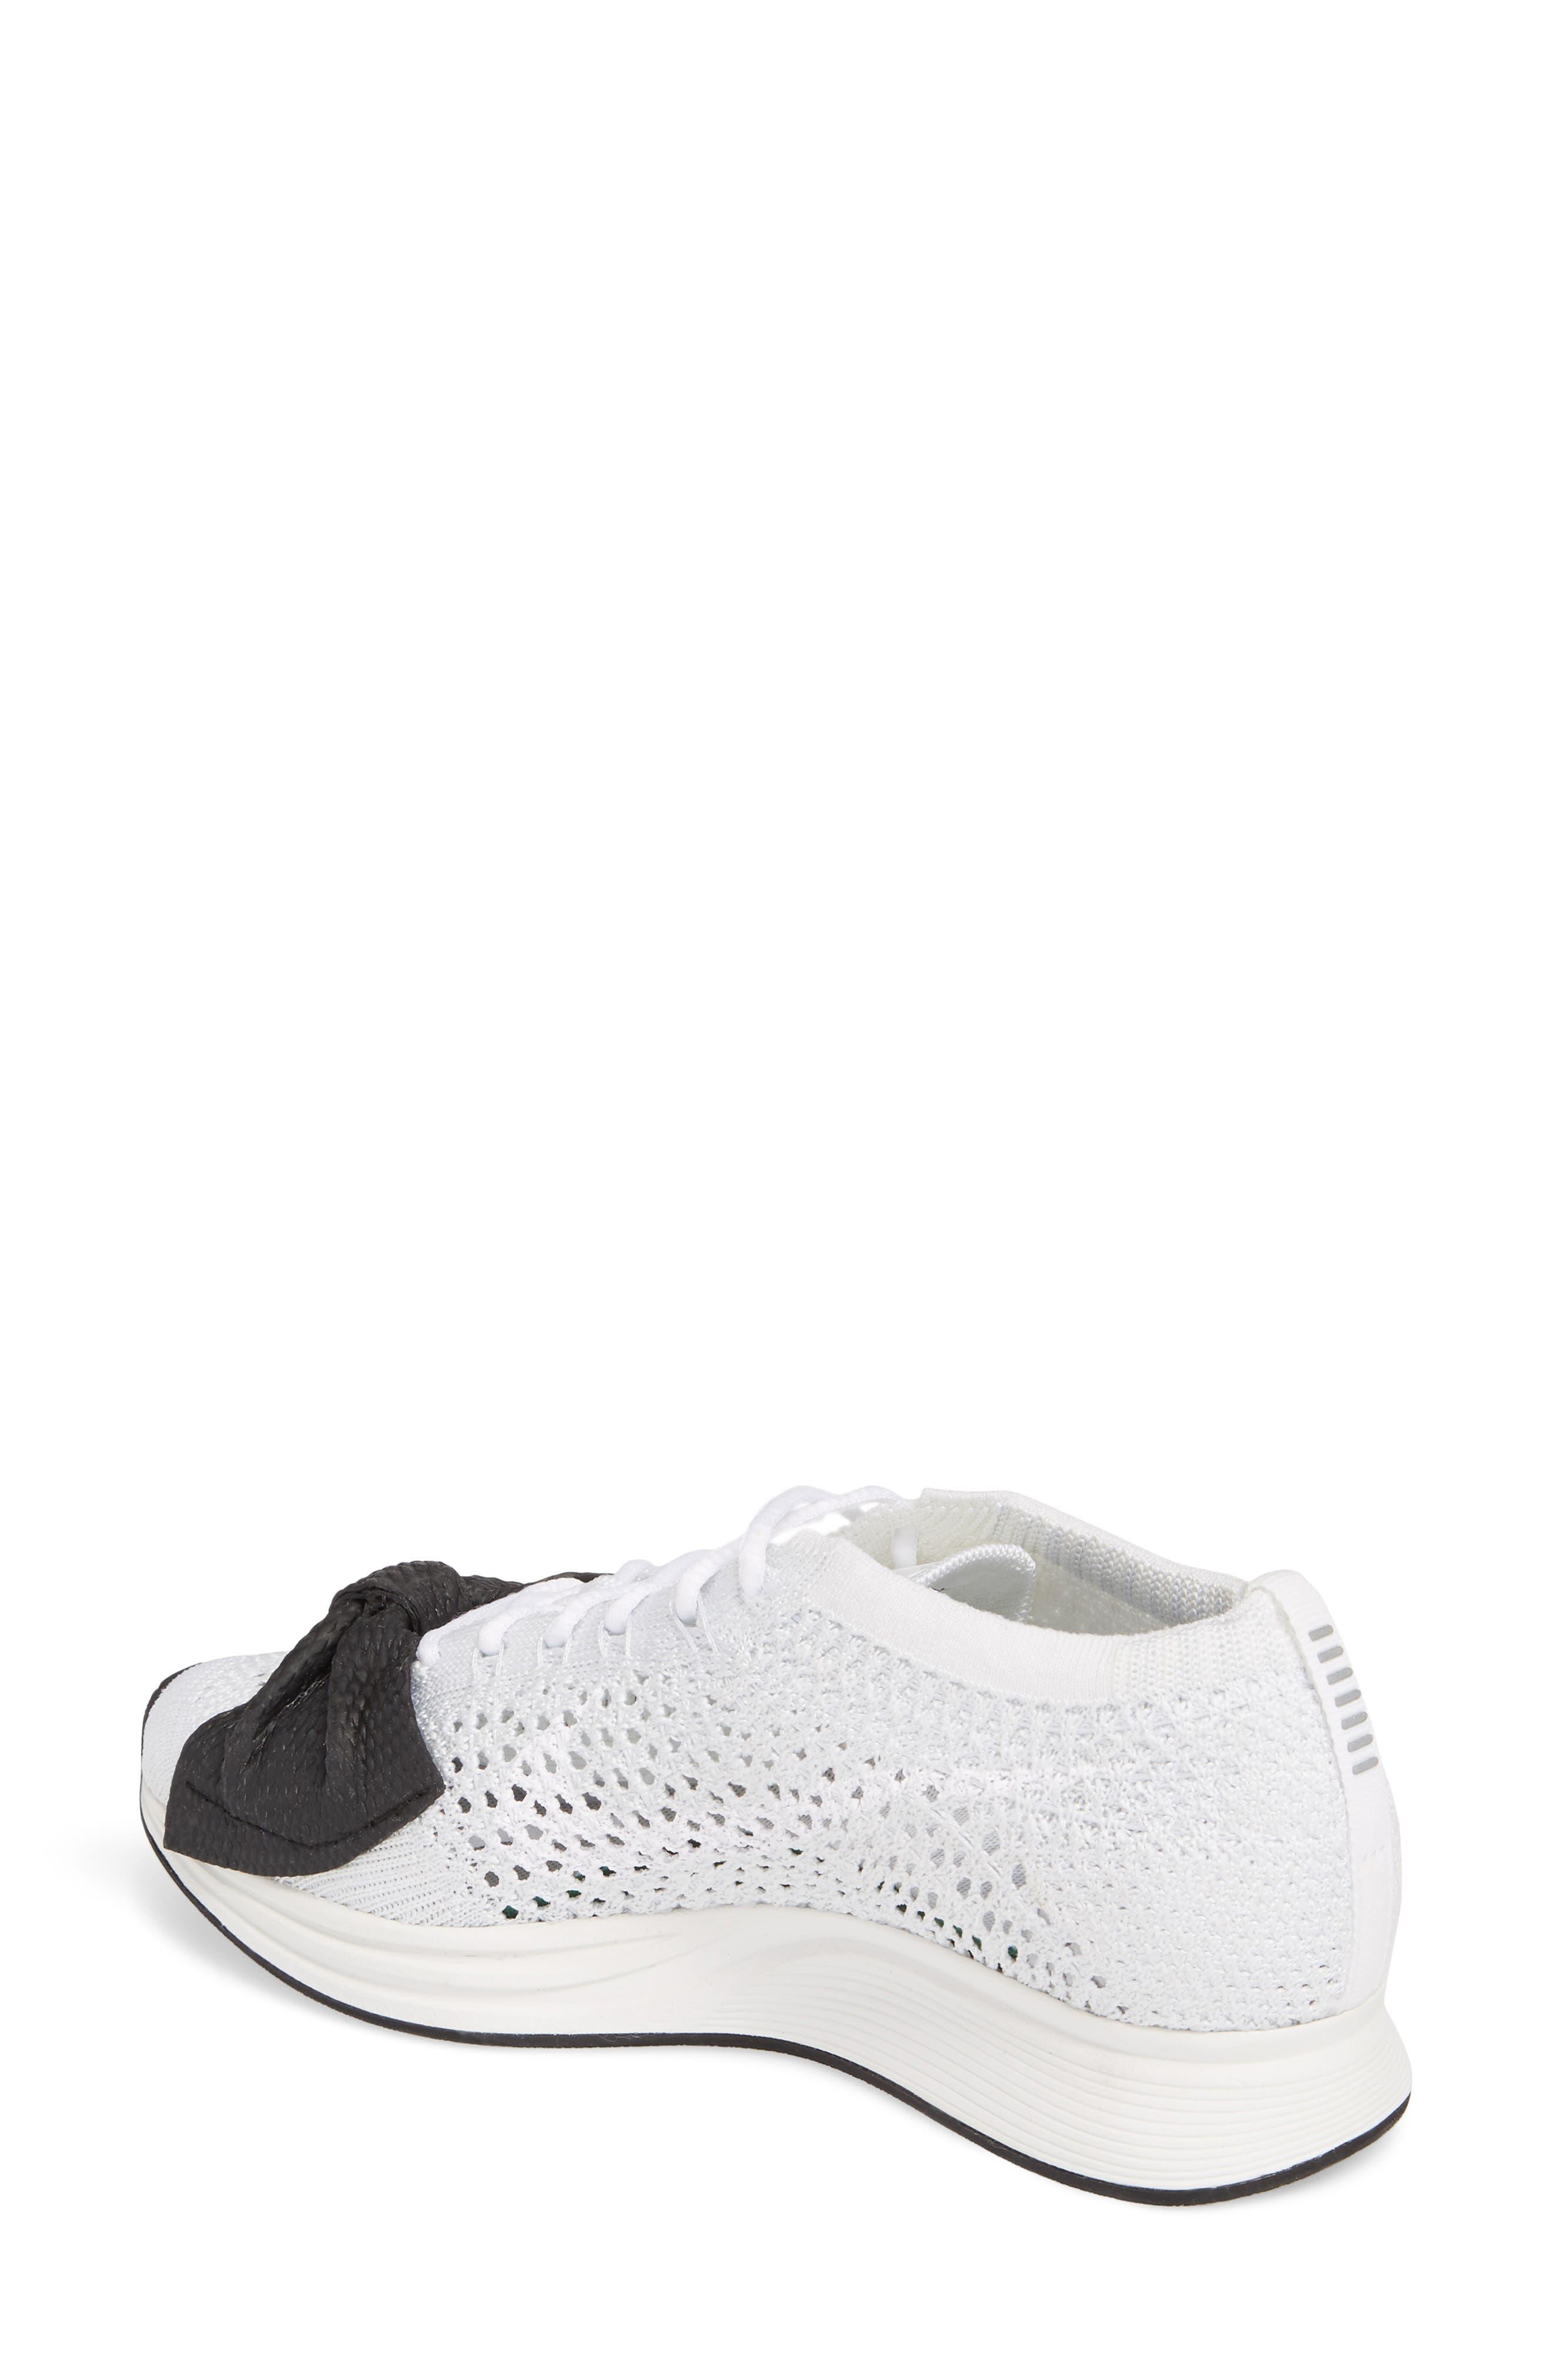 x Nike Bow Flyknit Racer Sneaker,                             Alternate thumbnail 2, color,                             101